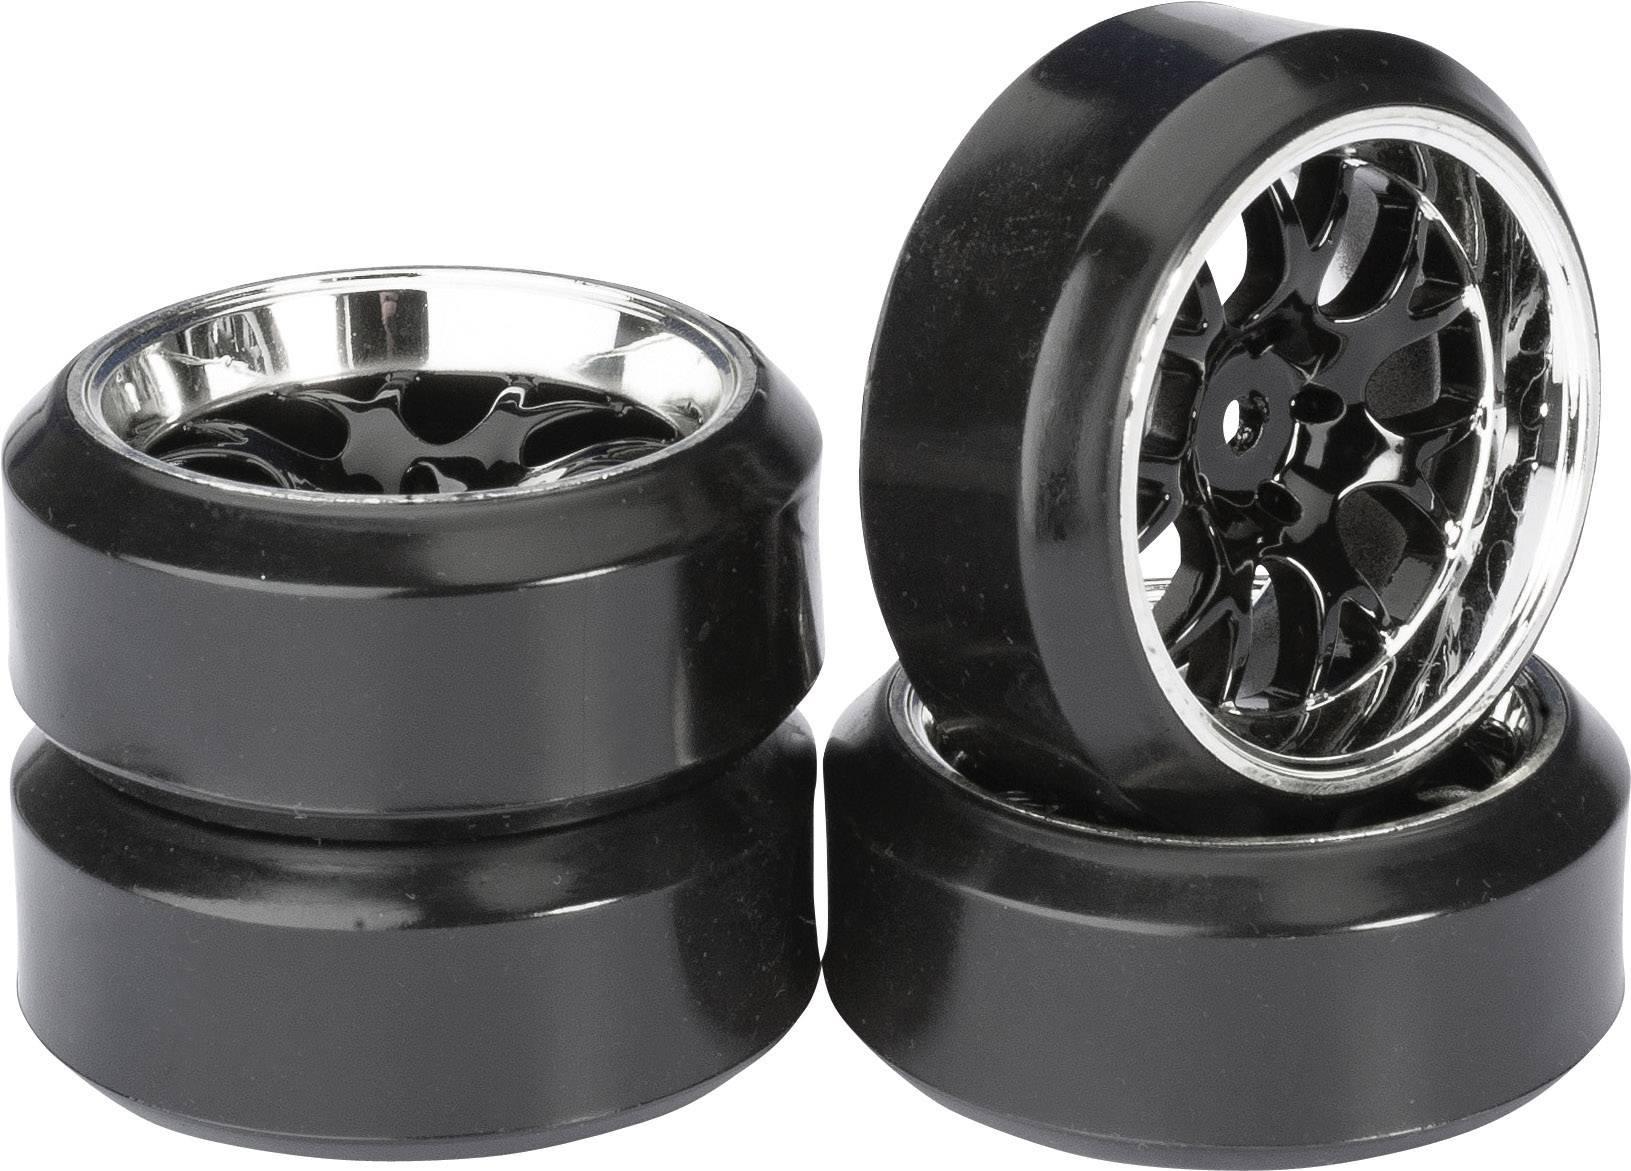 Kompletné kolesá Drifter C Absima 2510042 pre cestný model, 61 mm, 1:10, 4 ks, čierny chróm